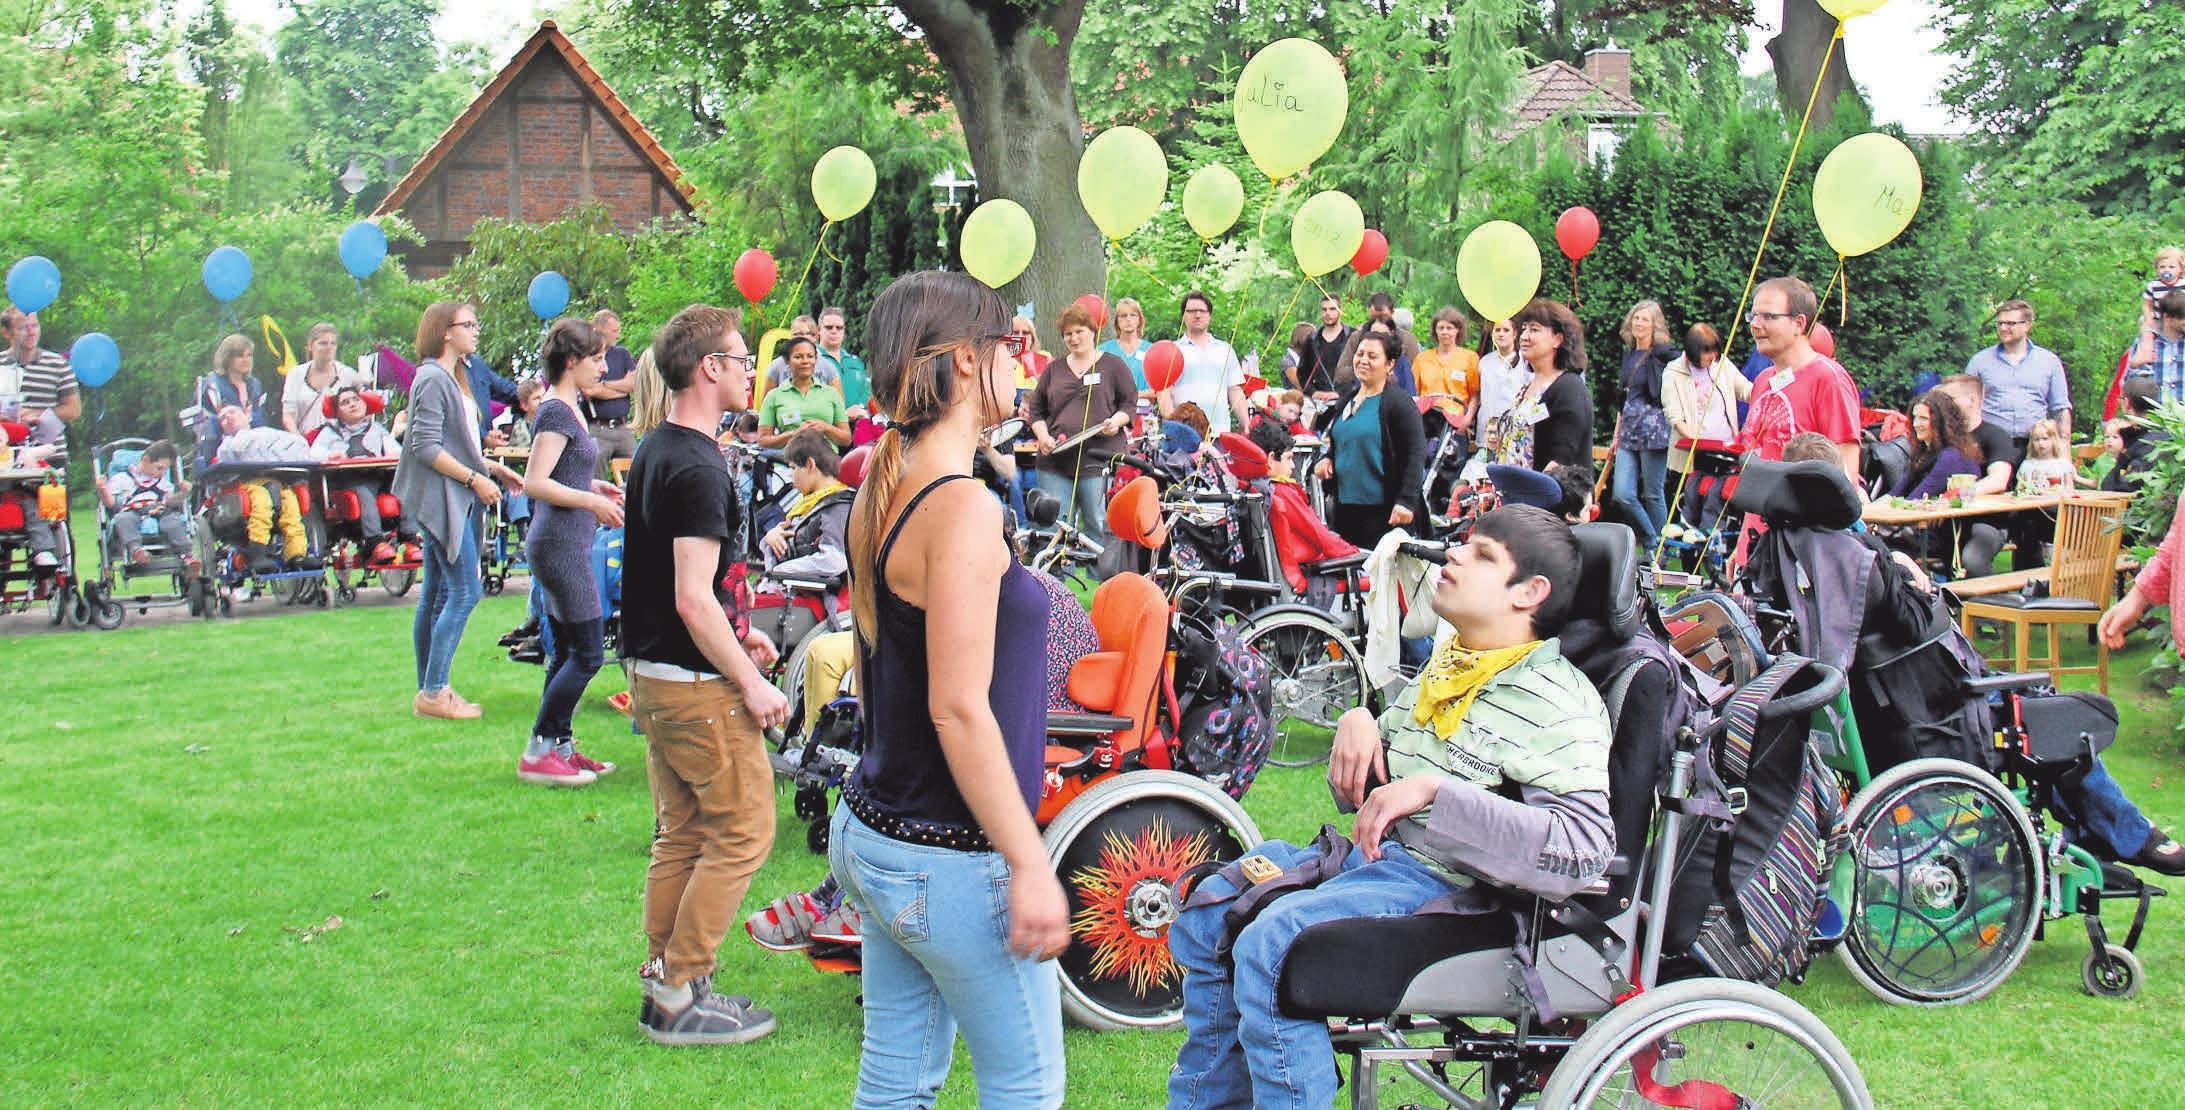 Die Bewohner*Innen des Kinder-Pflegeheims Mellendorf feiern Feste und leben zusammen.